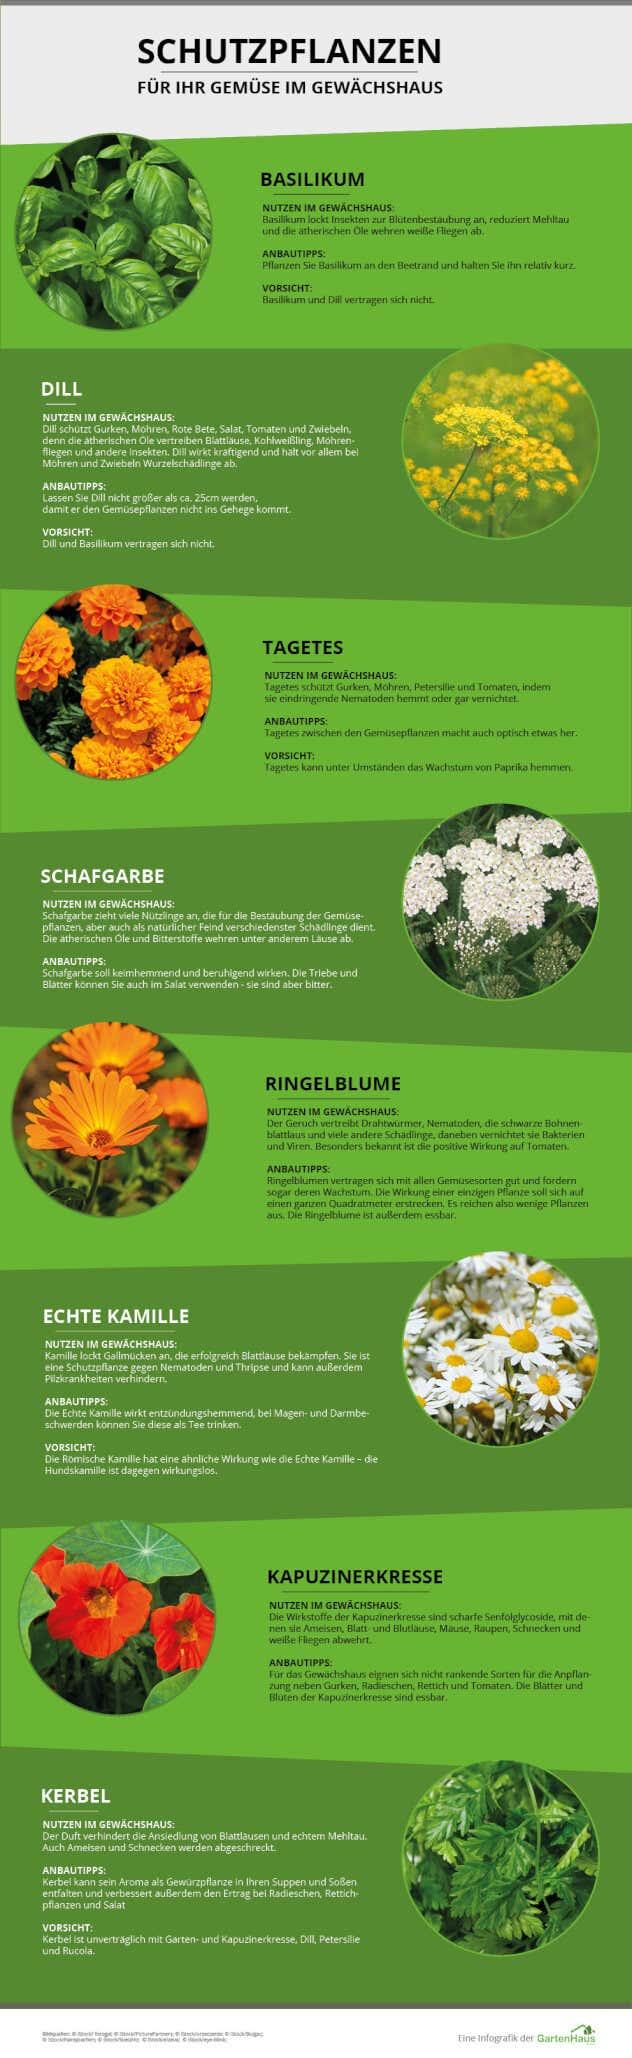 schutzpflanzen grafik fuer gewaechshaus